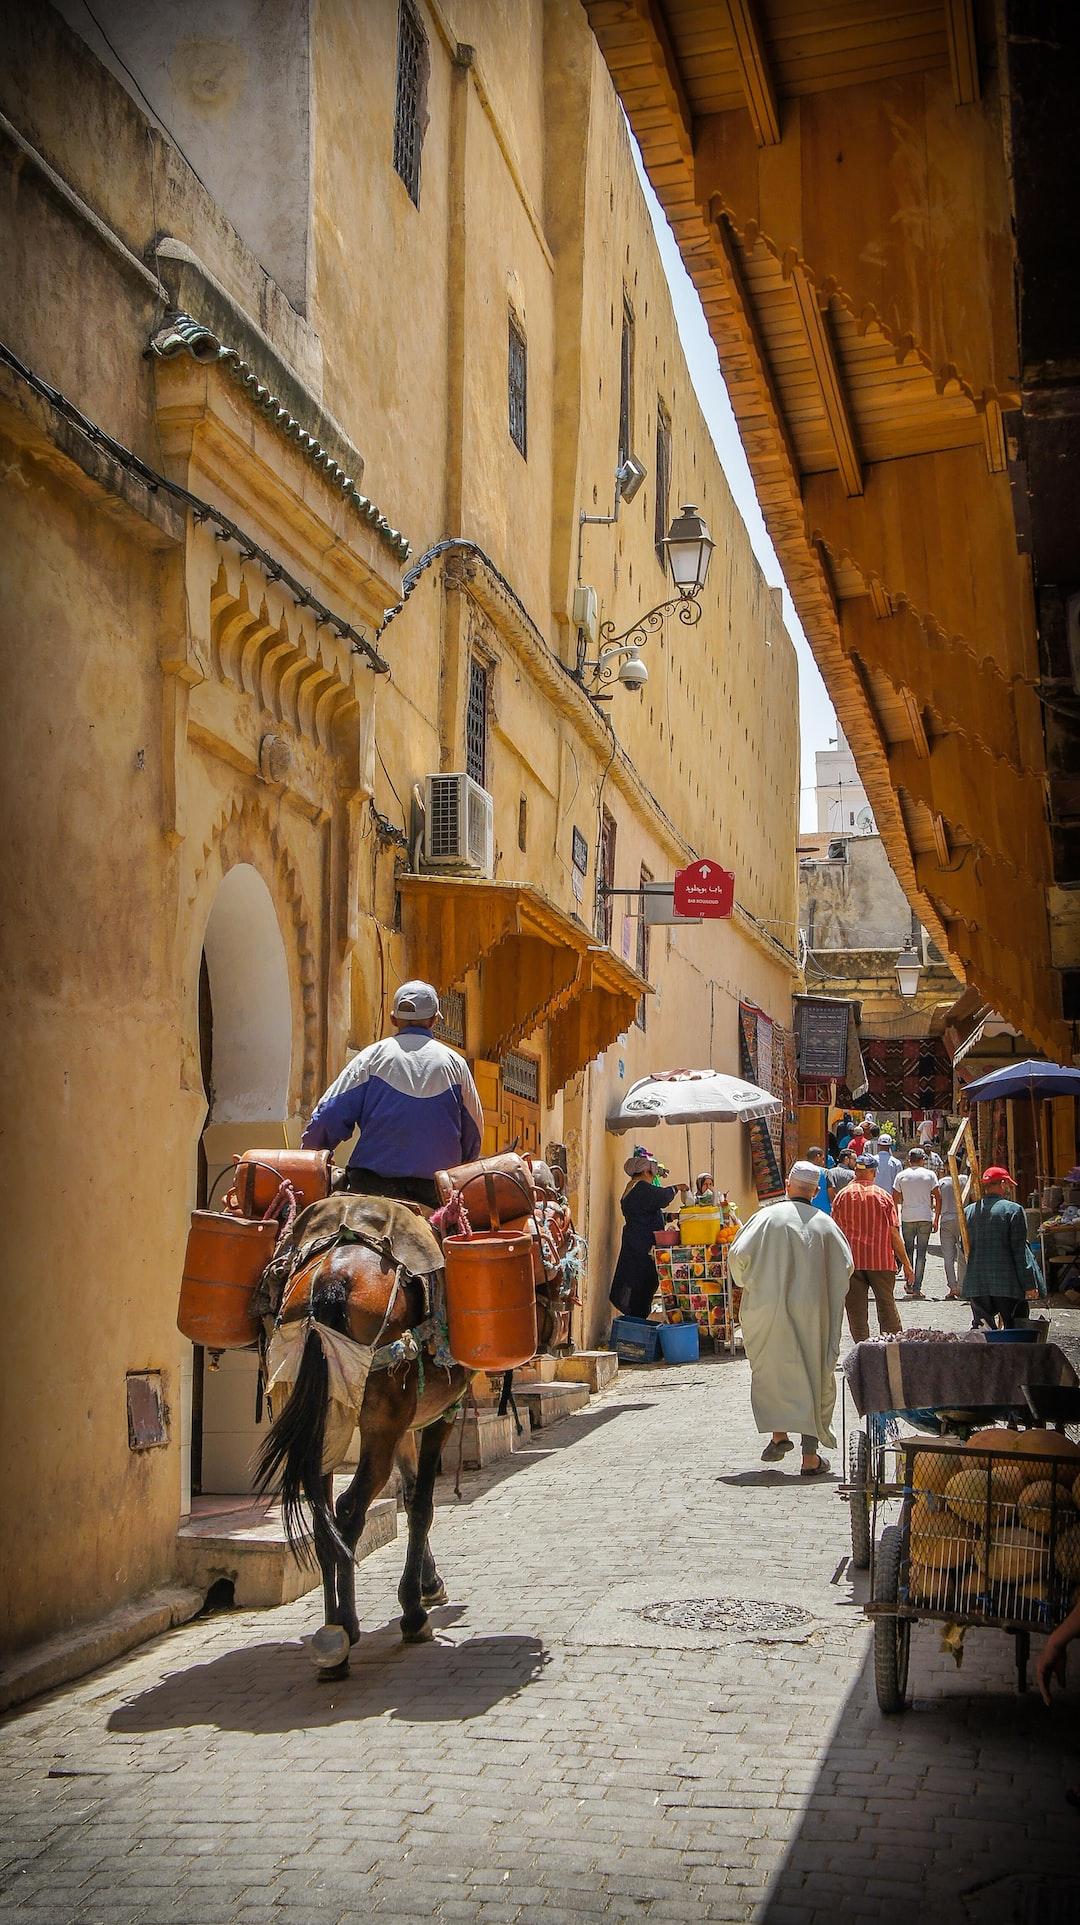 Fes - Morocco / Street & Donkey